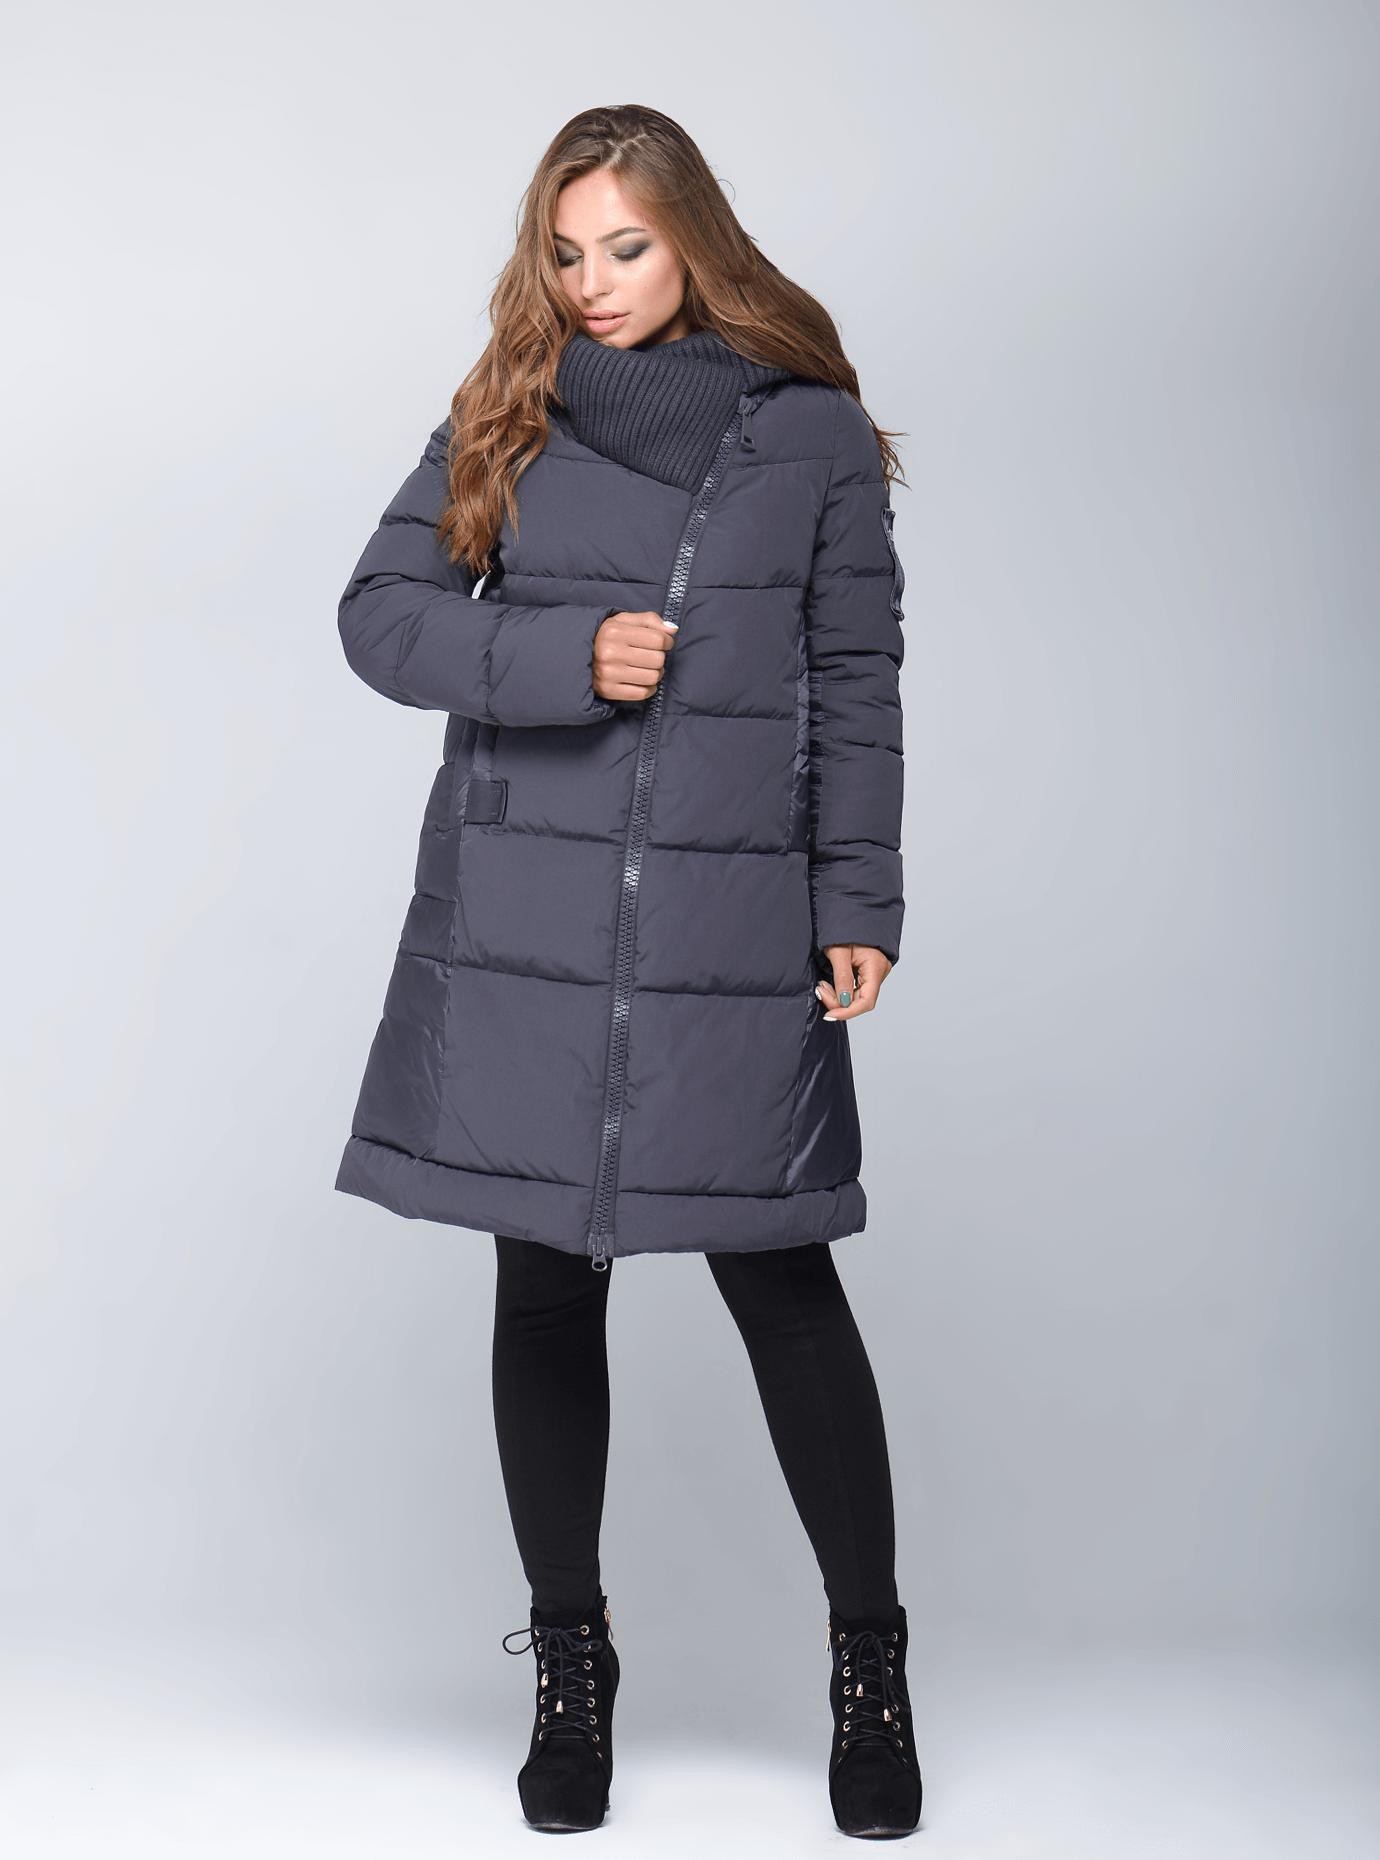 Куртка зимняя женская с довязом Графитовый S (02-CR170176): фото - Alster.ua